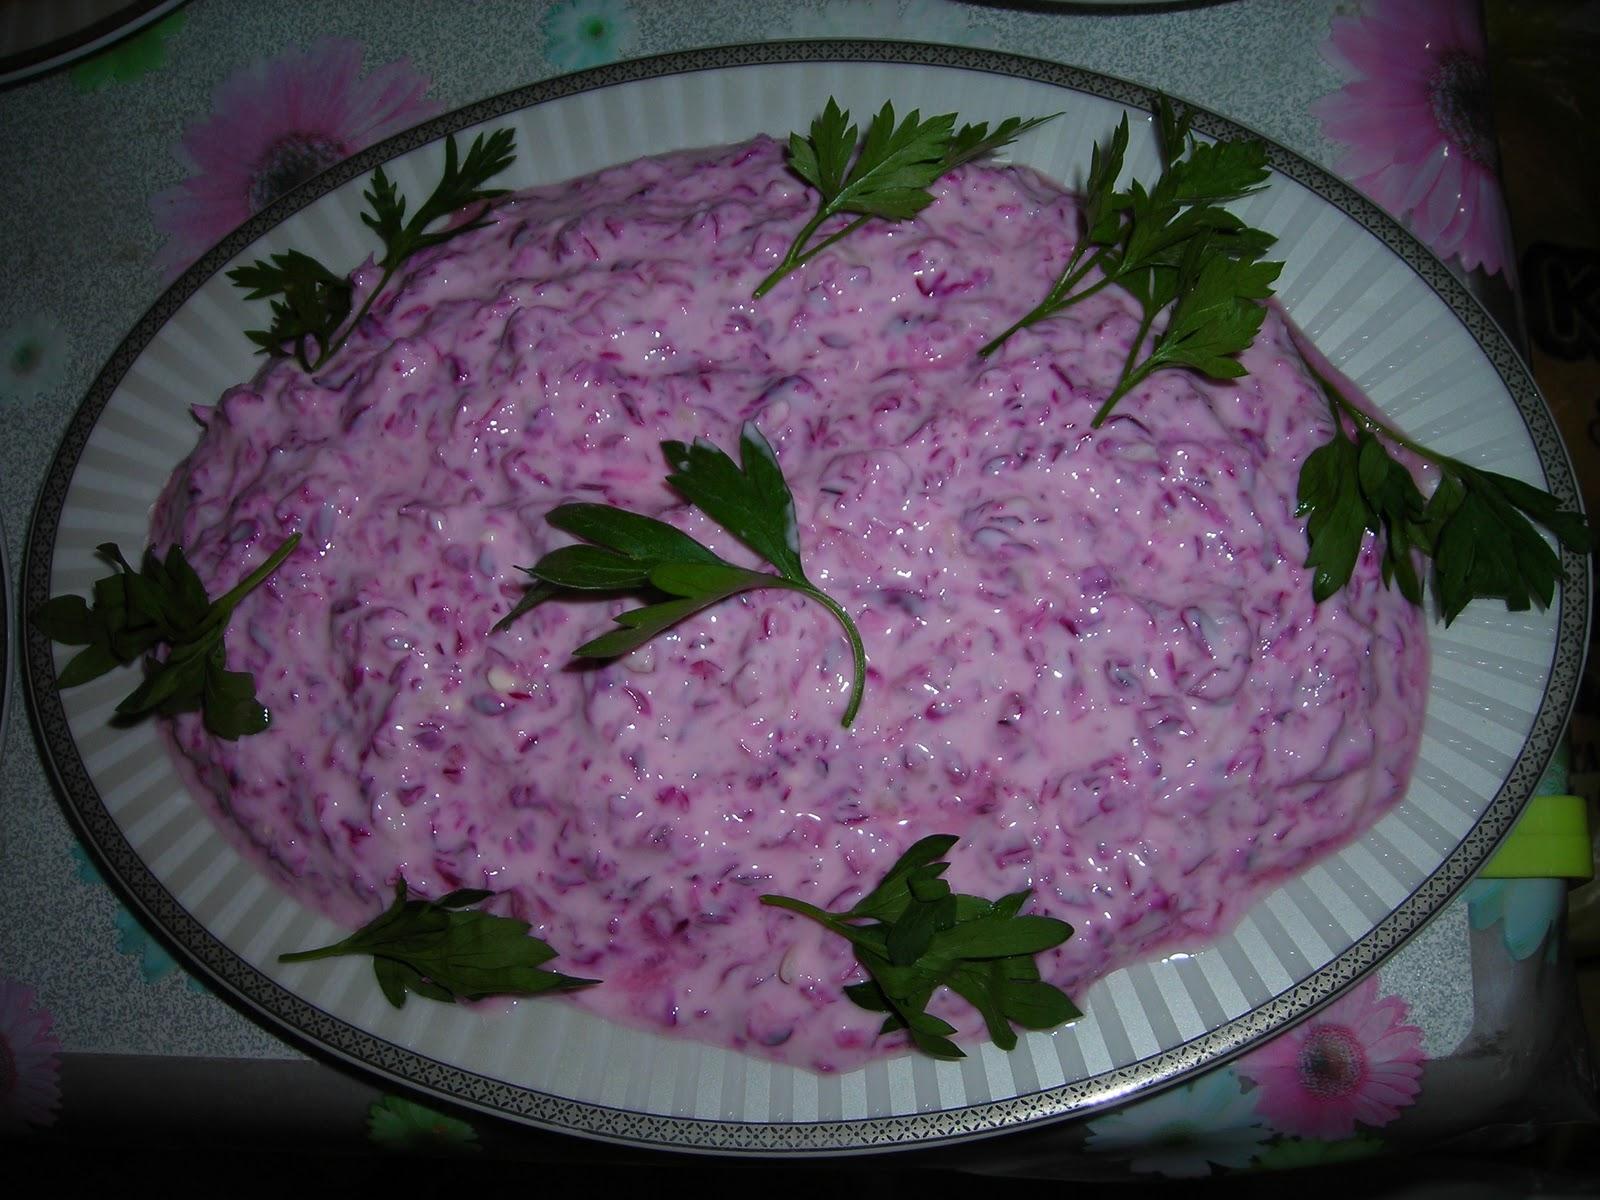 Kırmızı Lahanalı Yoğurtlu Salata Tarifi ve Yapılışı